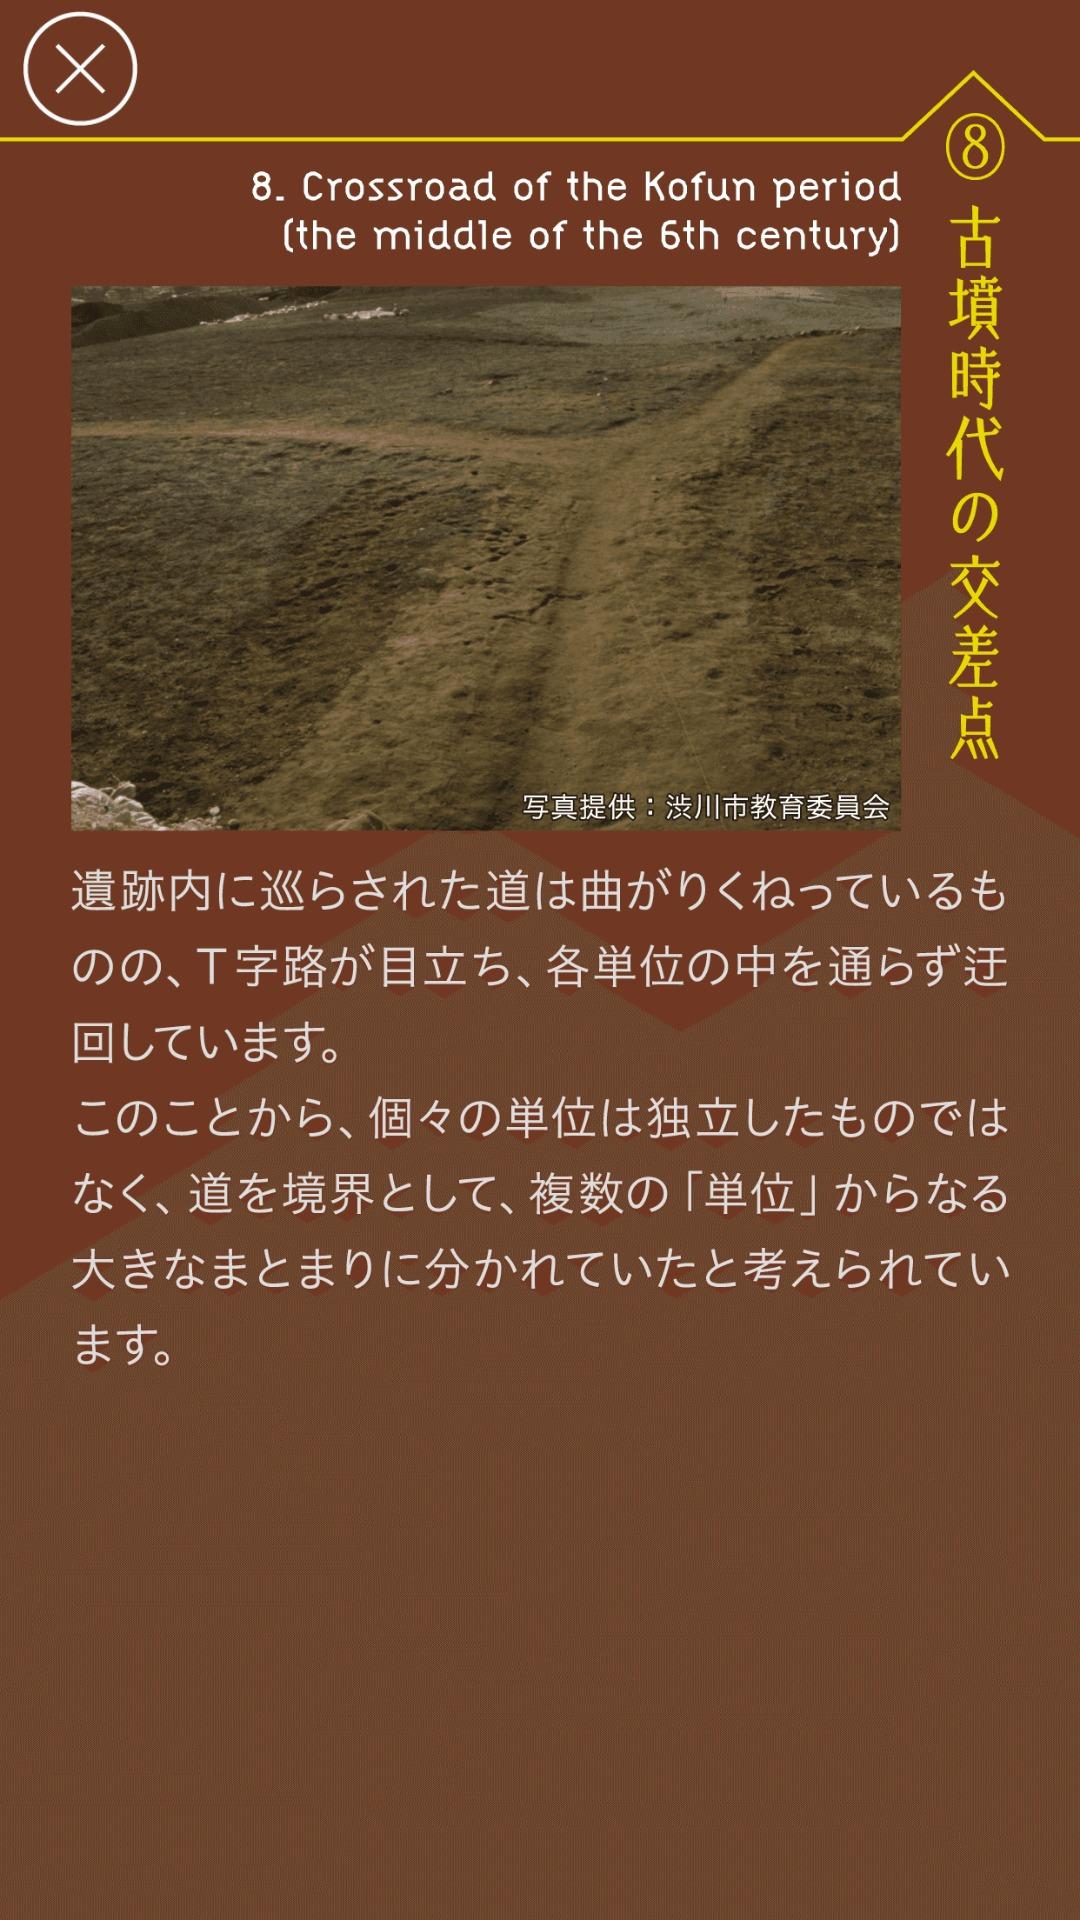 黒井峯トラベル 古墳時代の交差点